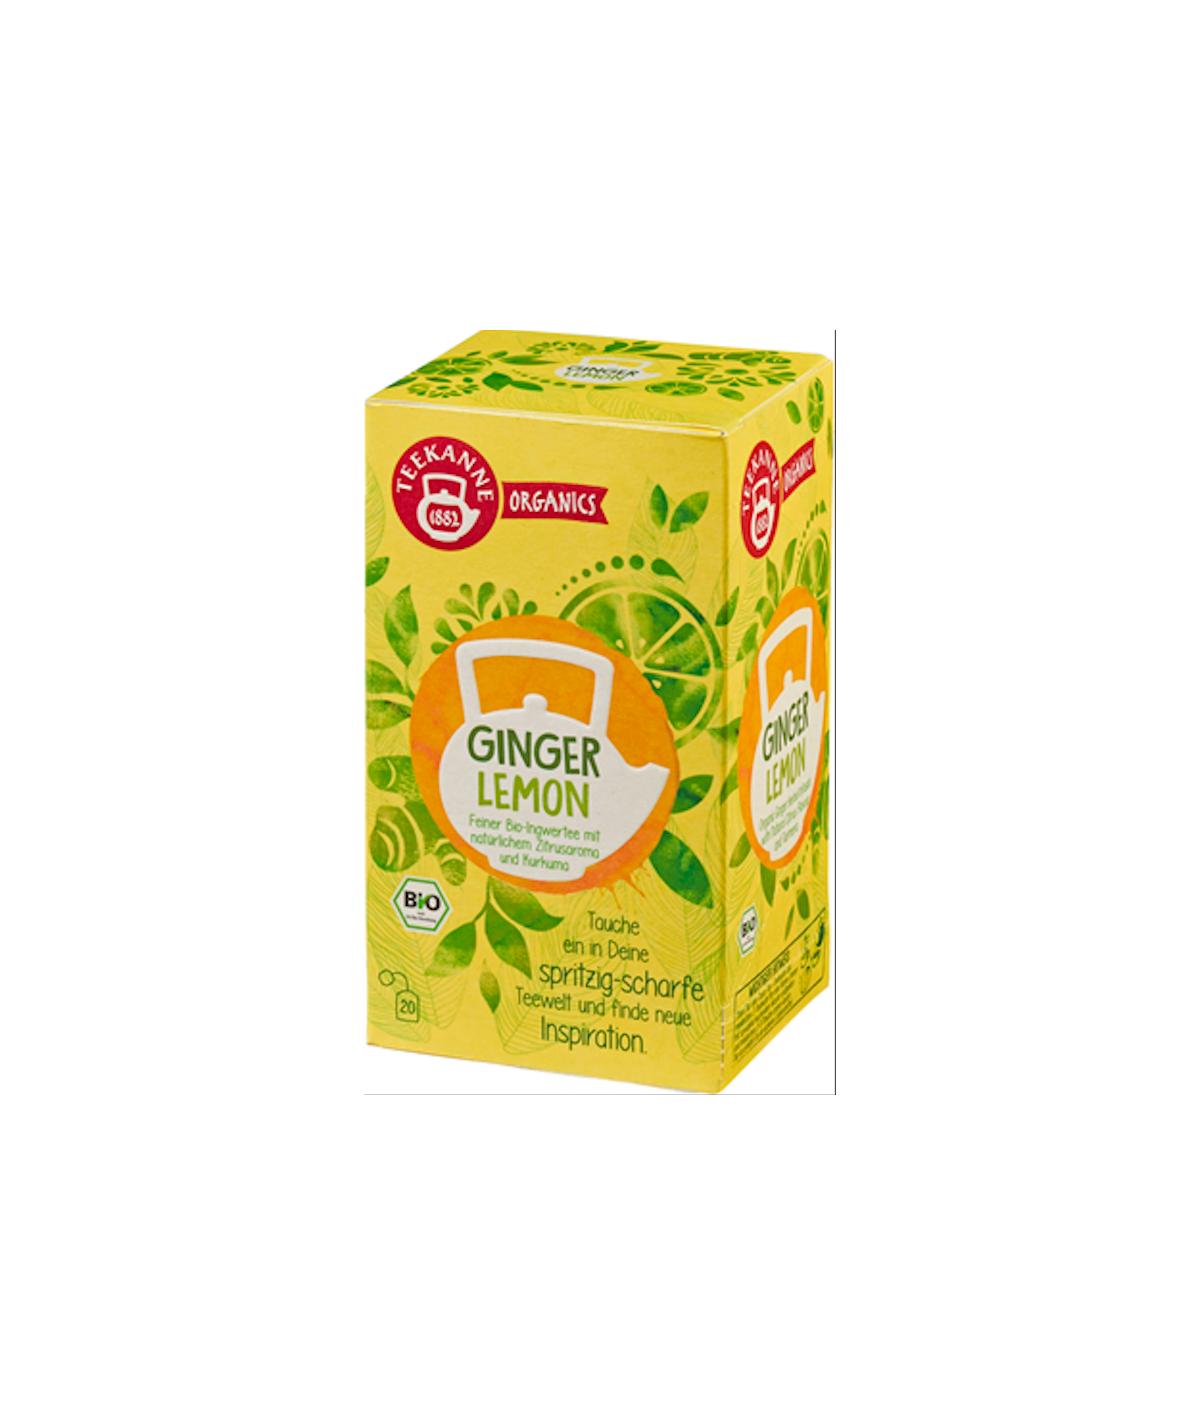 Bio Kräutertee Ginger Lemon Teekanne 36g